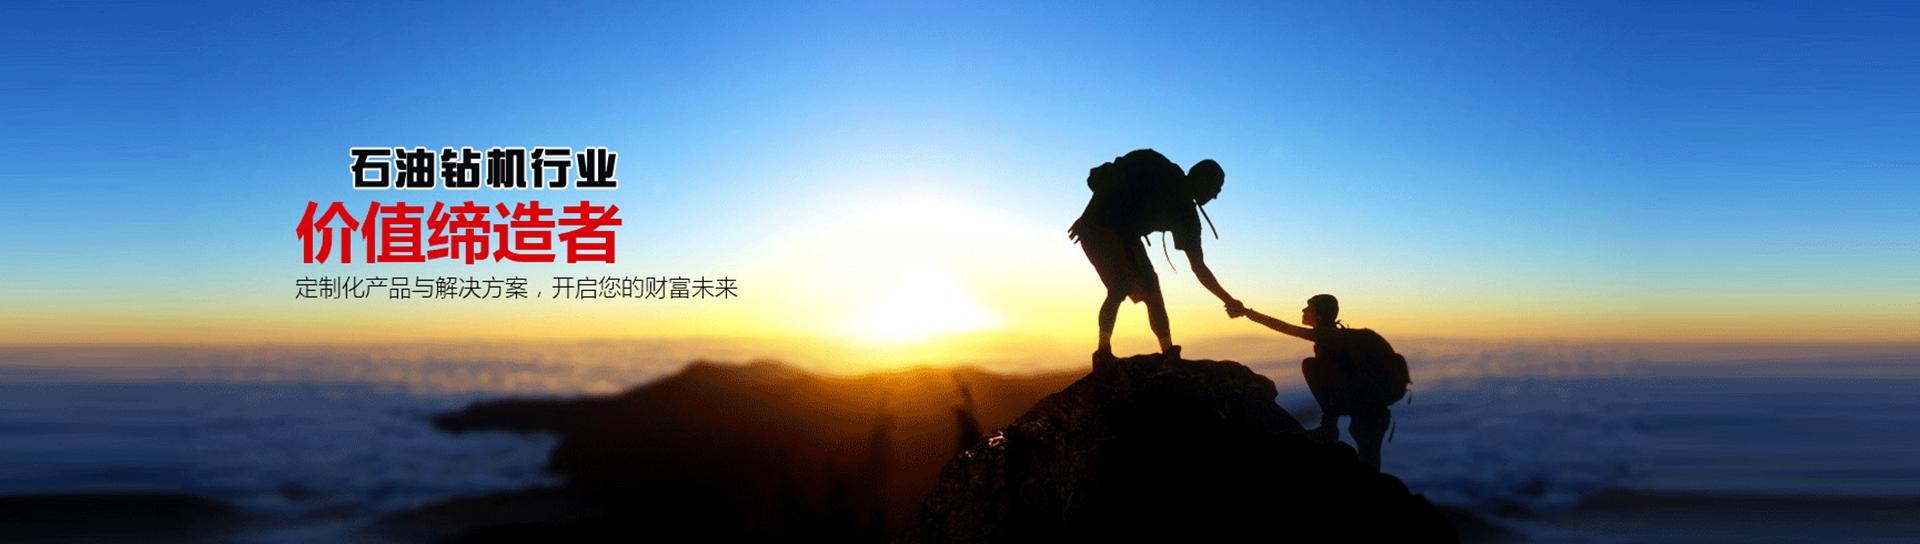 拥抱梦想 共赢未来